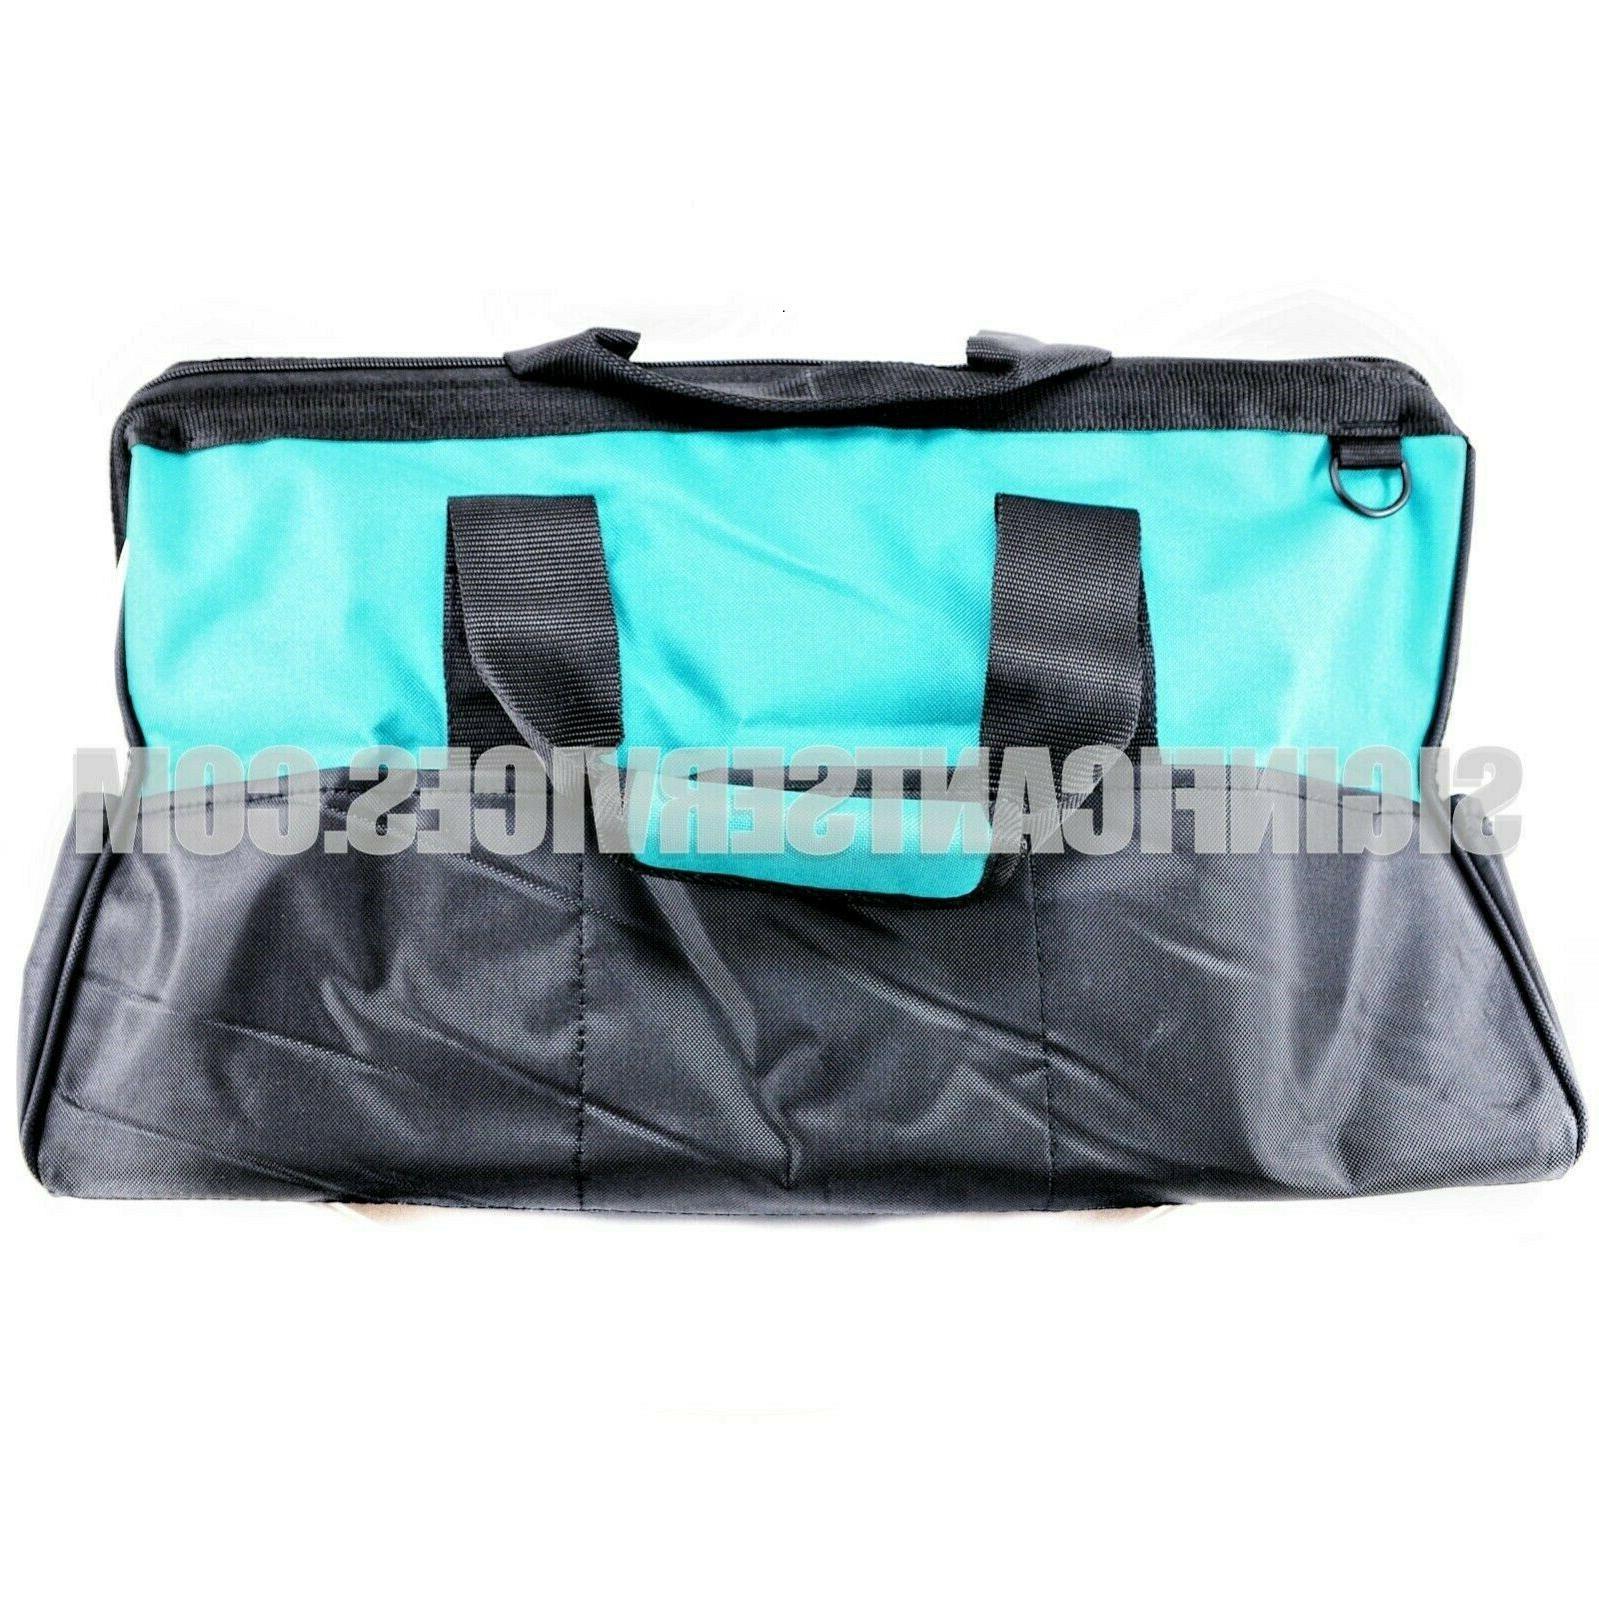 New Makita 18V 18 Saw Grinder Bag